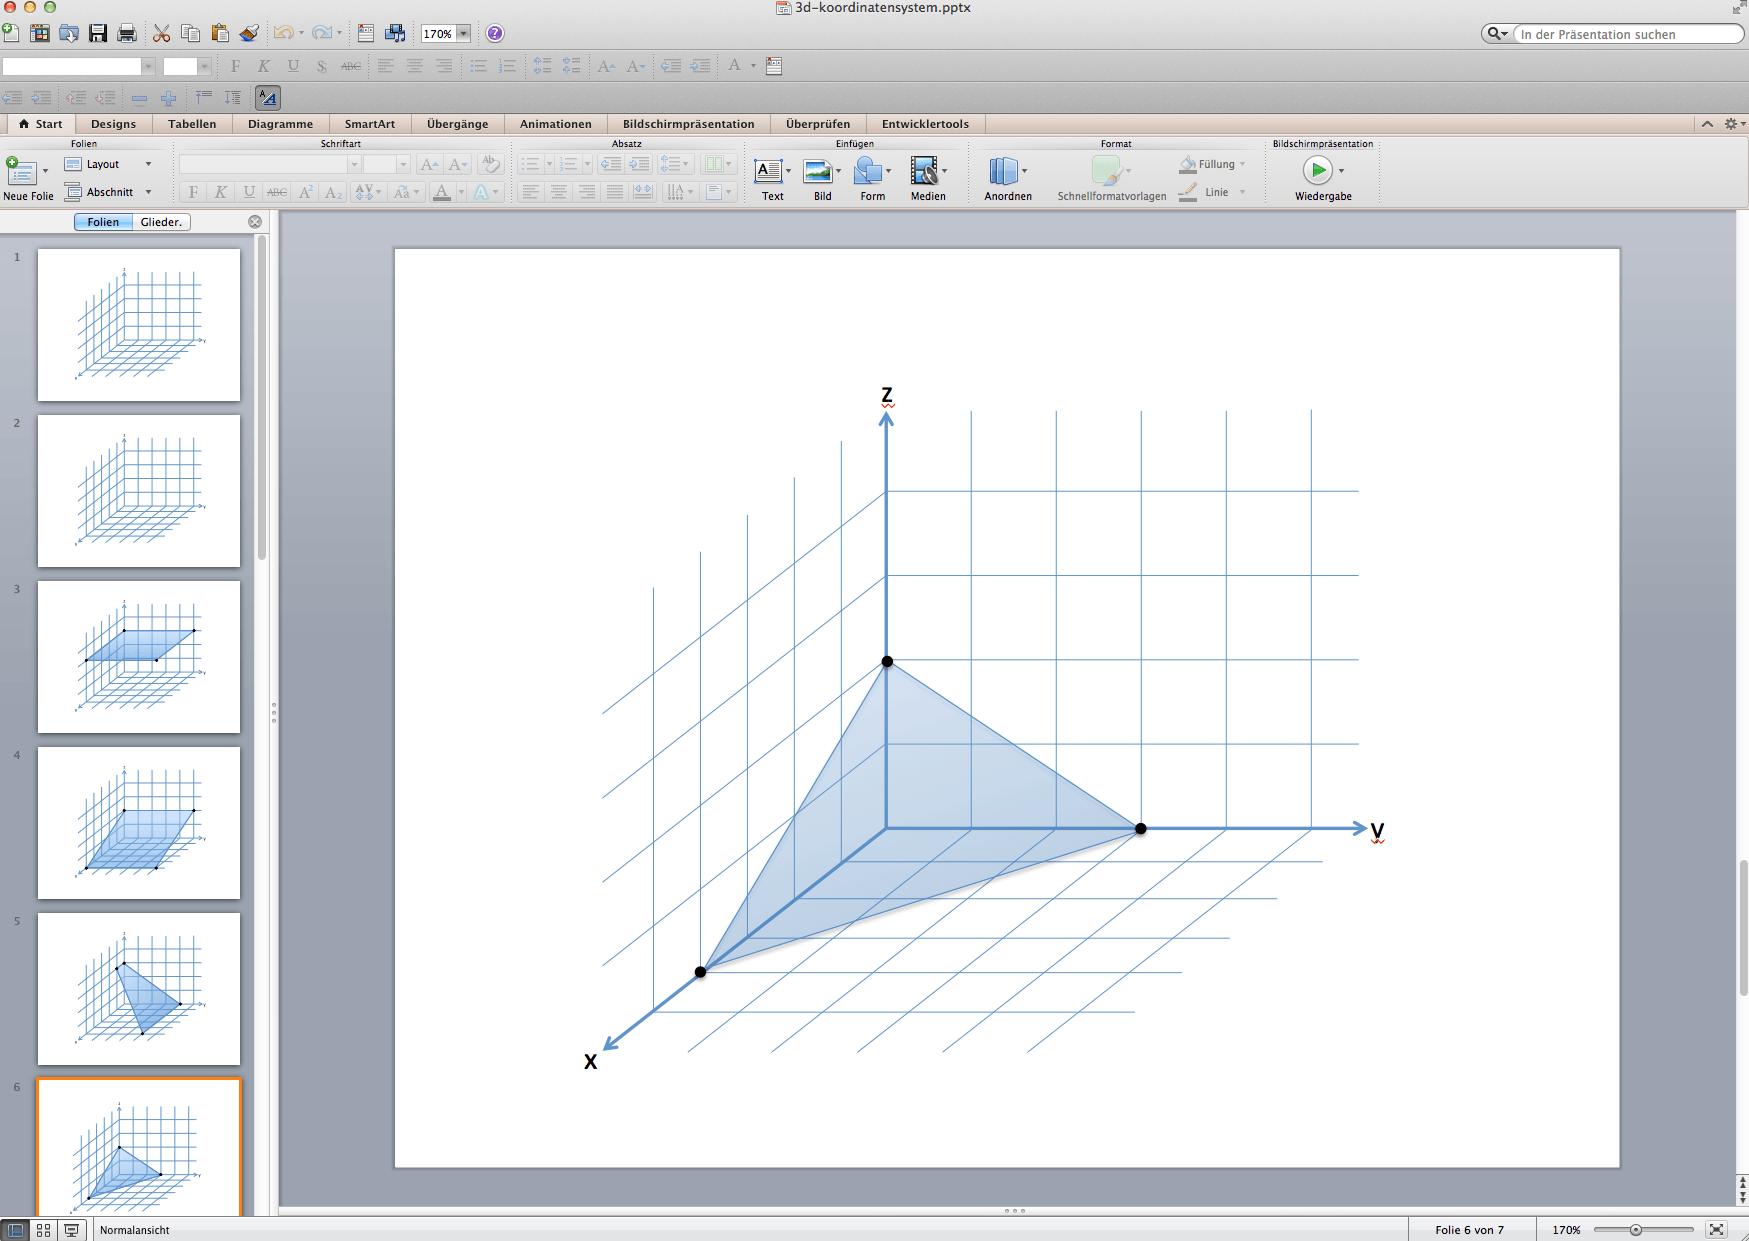 Kopiervorlage Mathematik 3cd Koordinatensystem Fur Mathematik Oberstufe